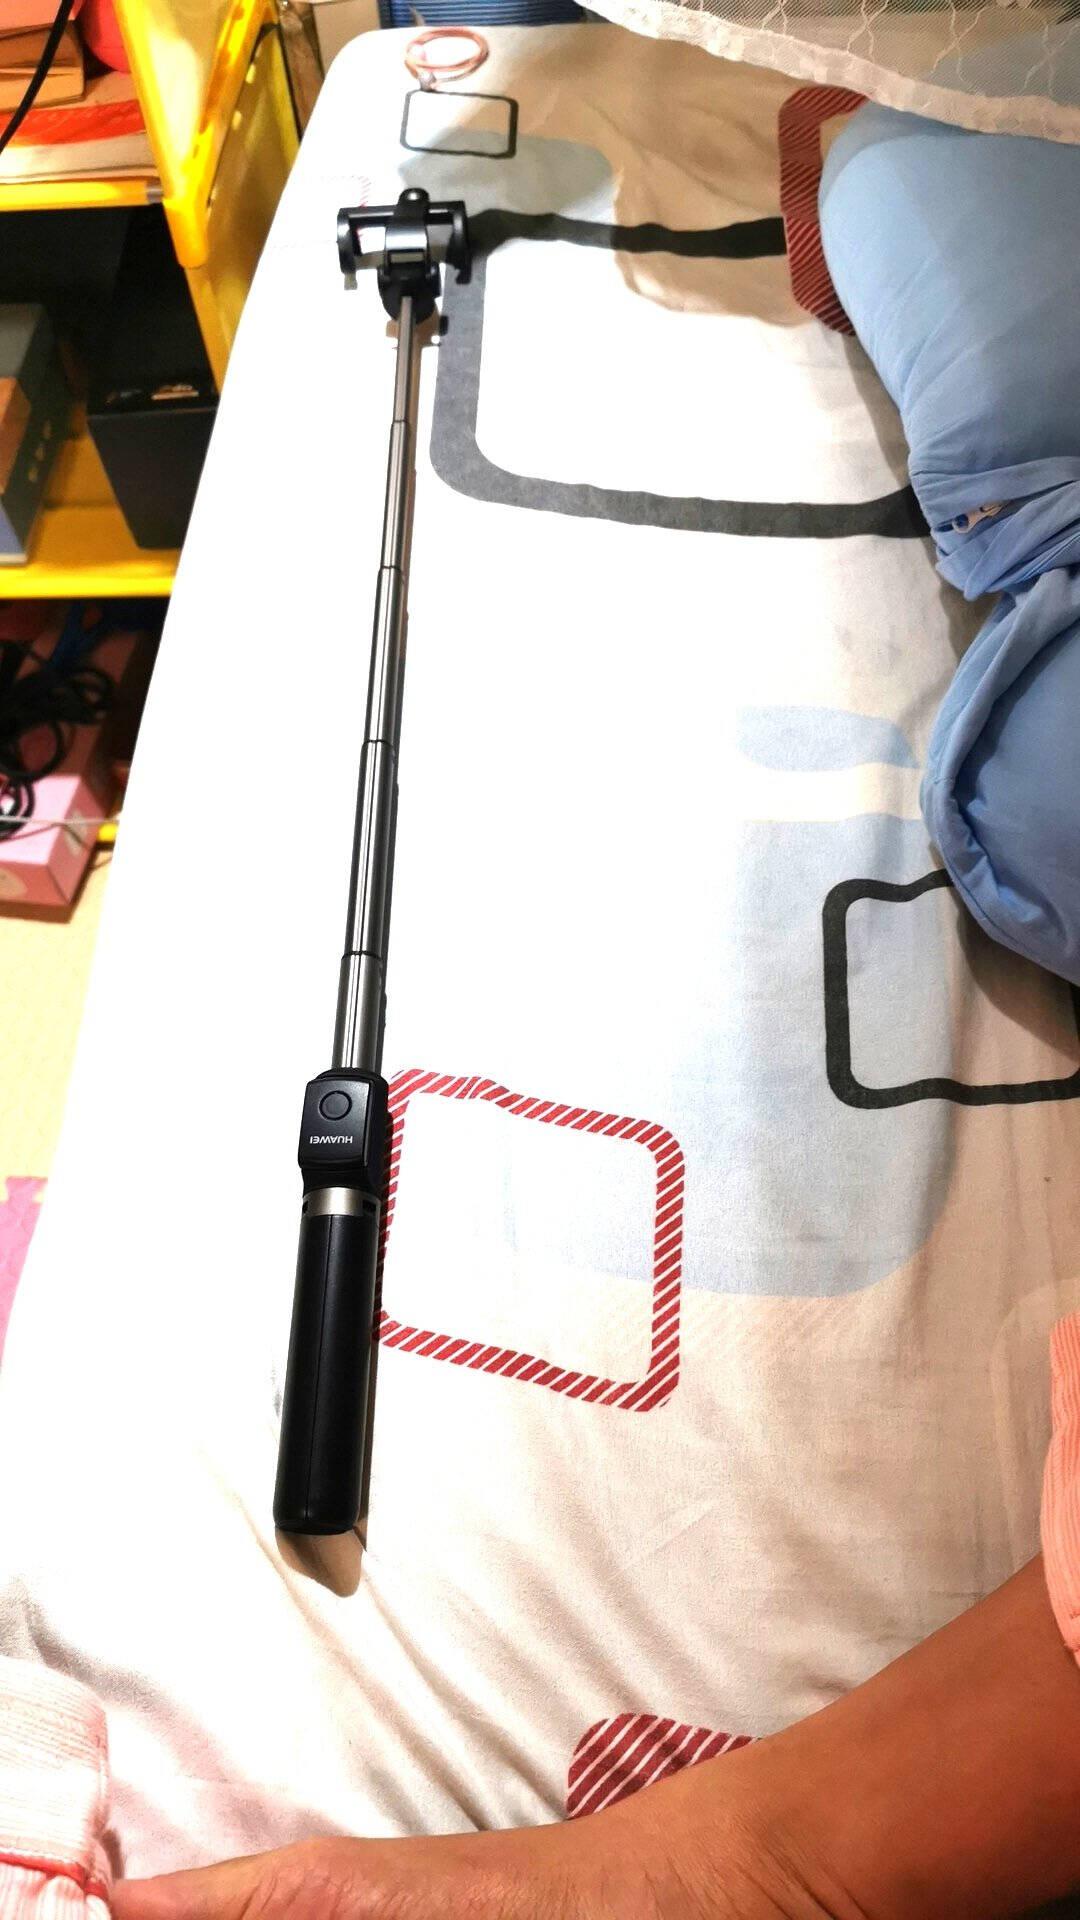 华为自拍杆三脚架手机抖音直播支架设备防抖蓝牙拍照多功能自拍神器桌面落地三角架子小米苹果荣耀安卓通用黑【新升级自拍杆Pro】远程变焦丨四键遥控-原装